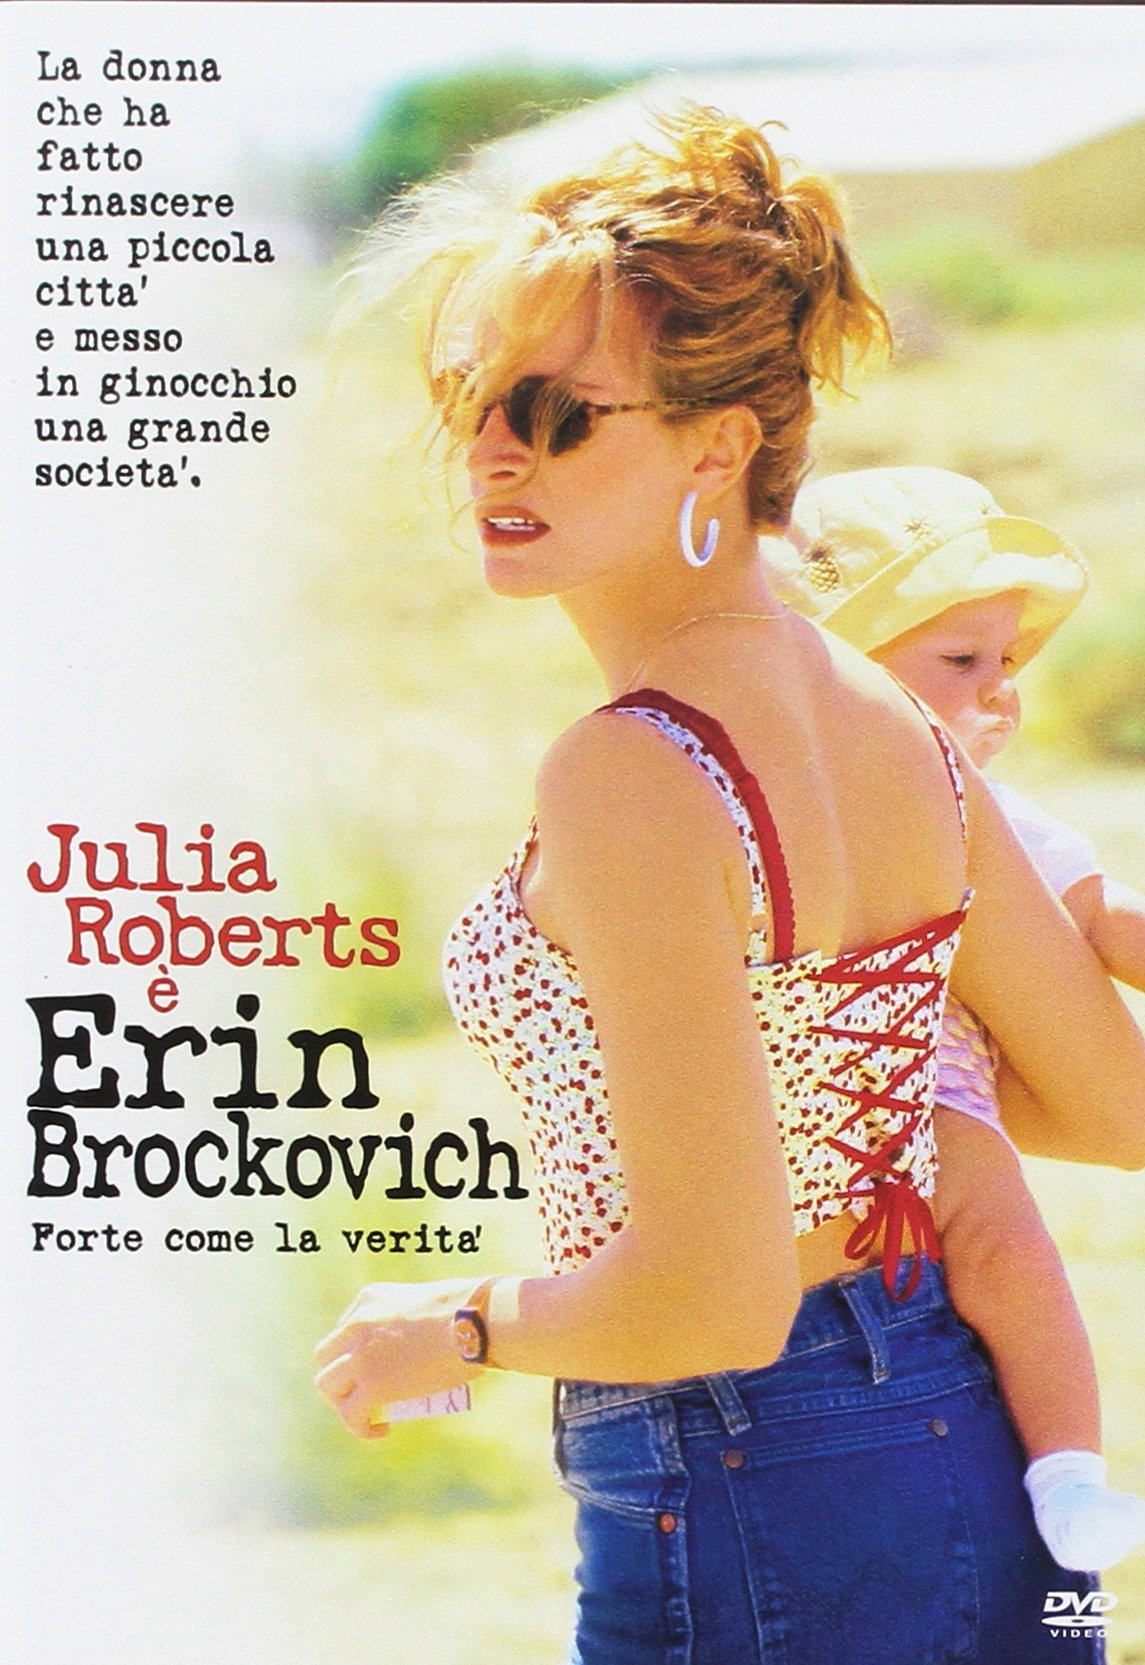 ERIN BROCKOVICH FORTE COME LA VERITA' (DVD)